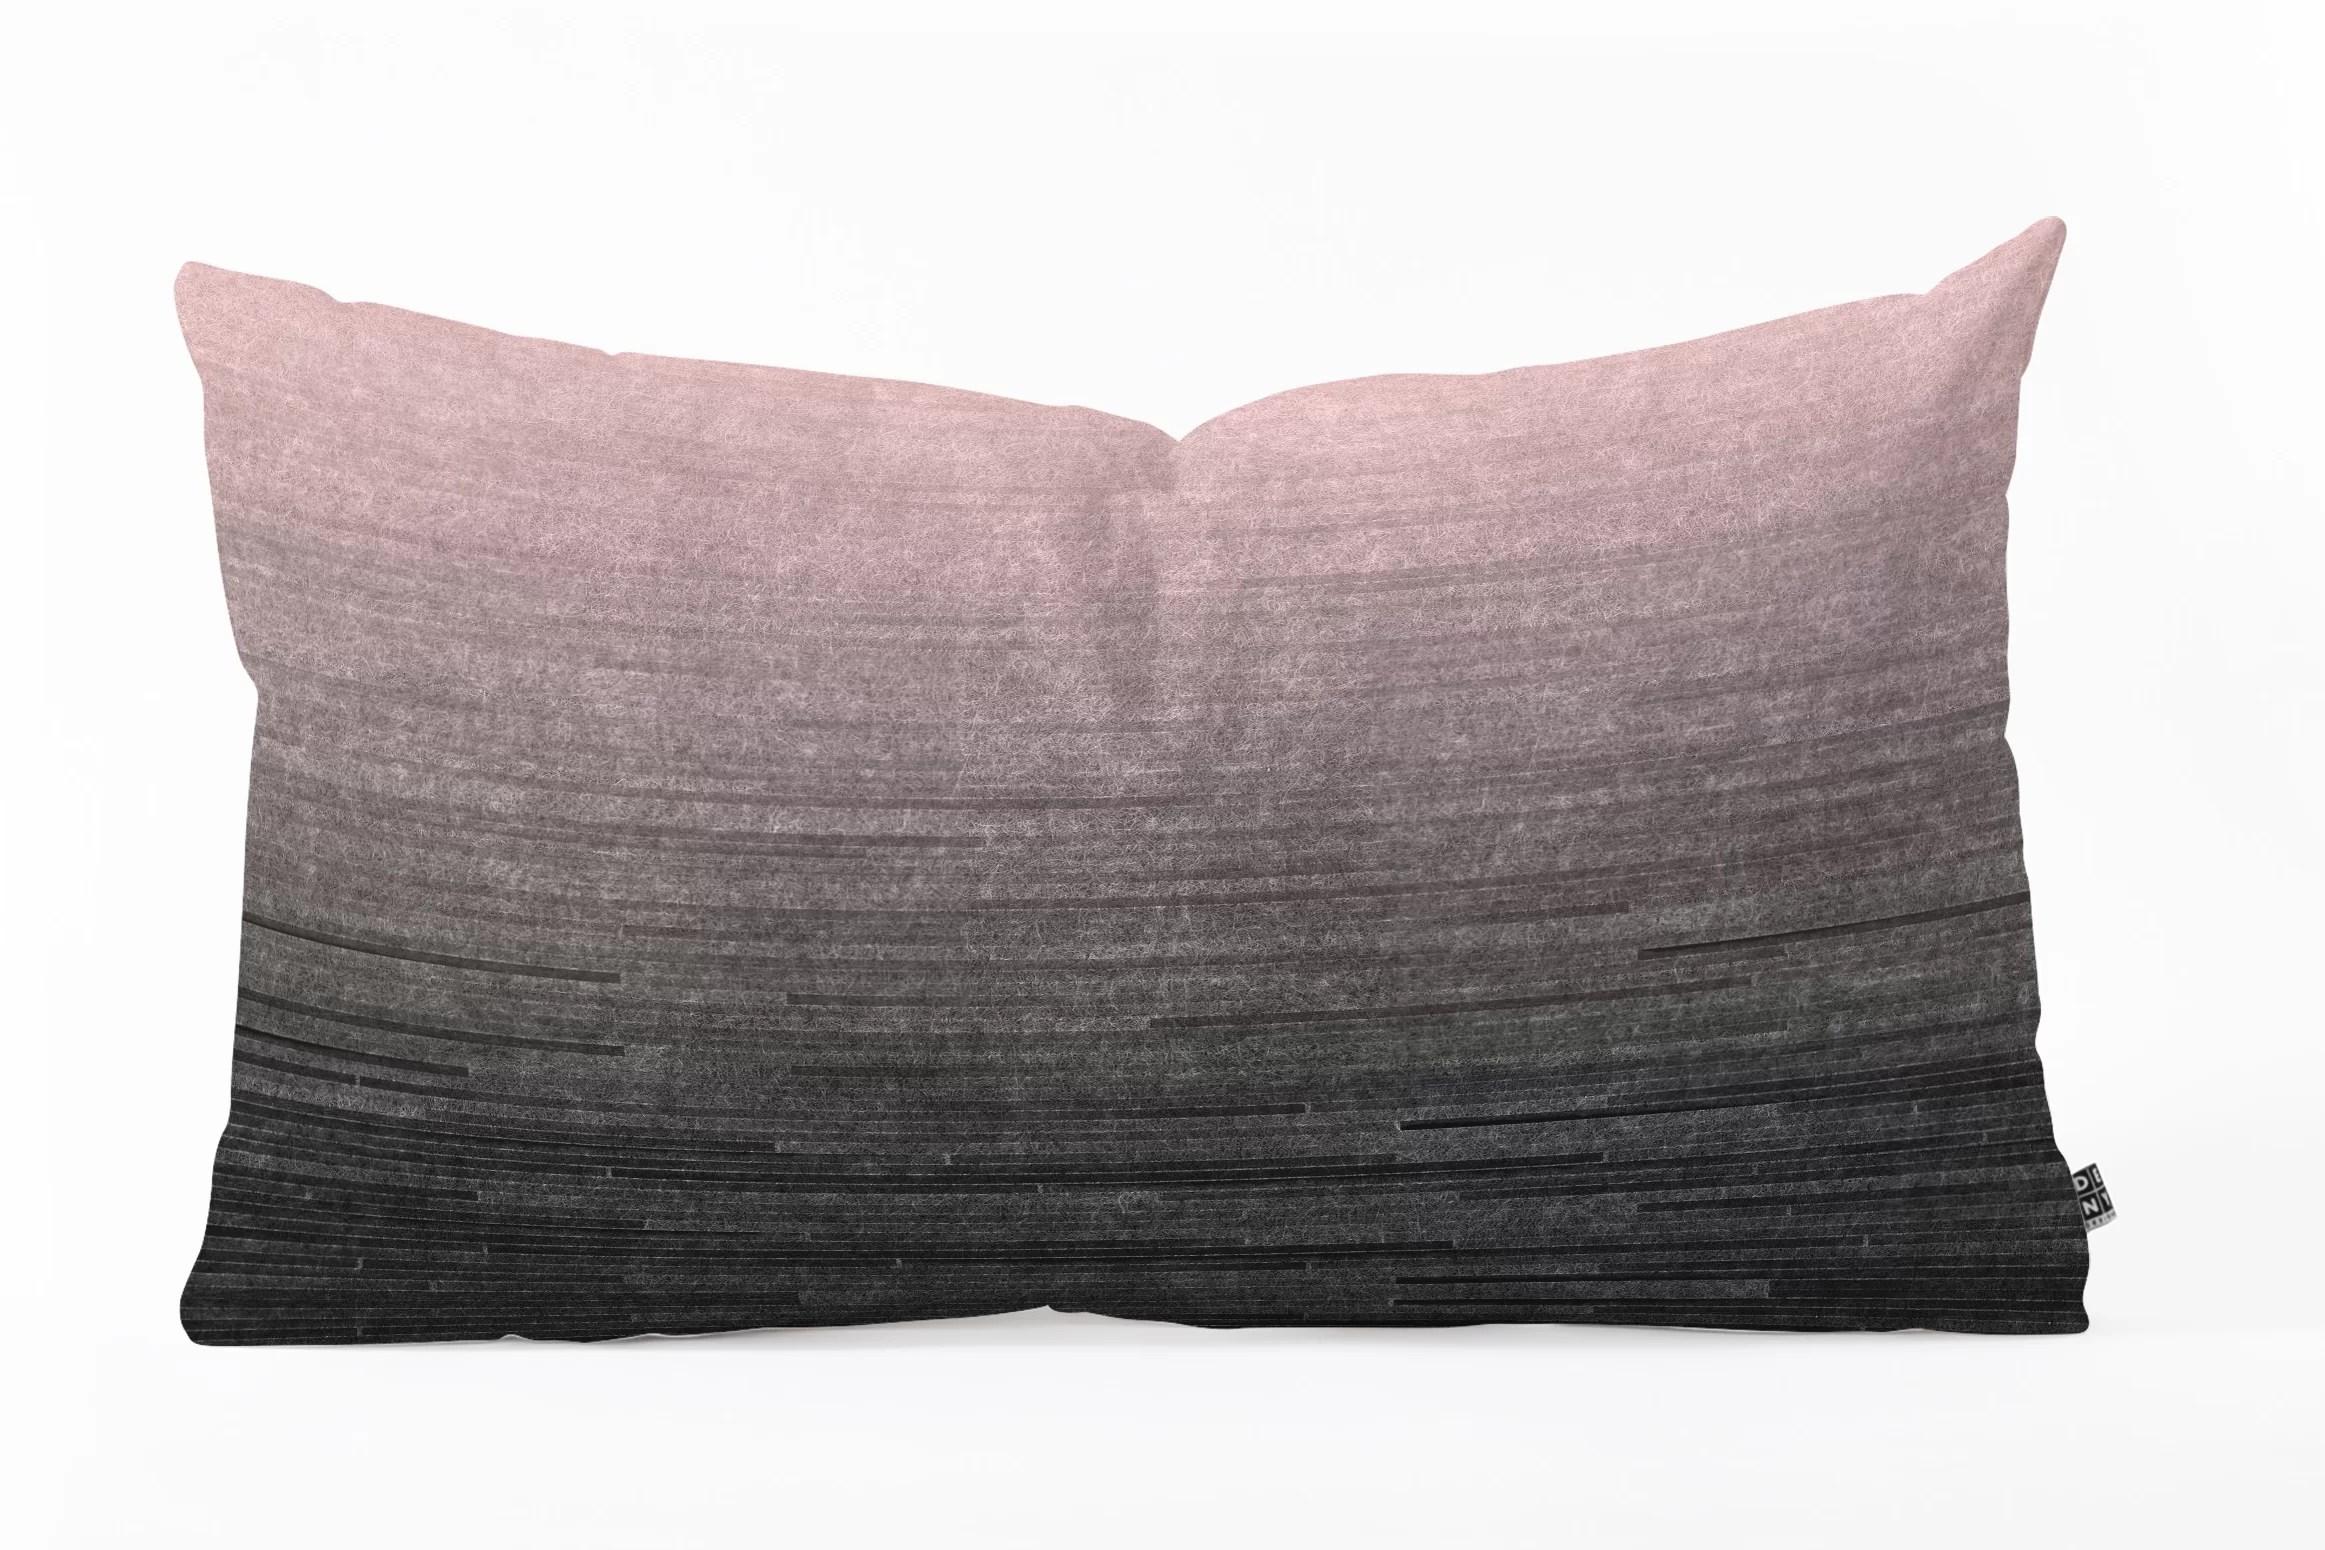 iveta abolina blush ombre oblong indoor outdoor lumbar pillow